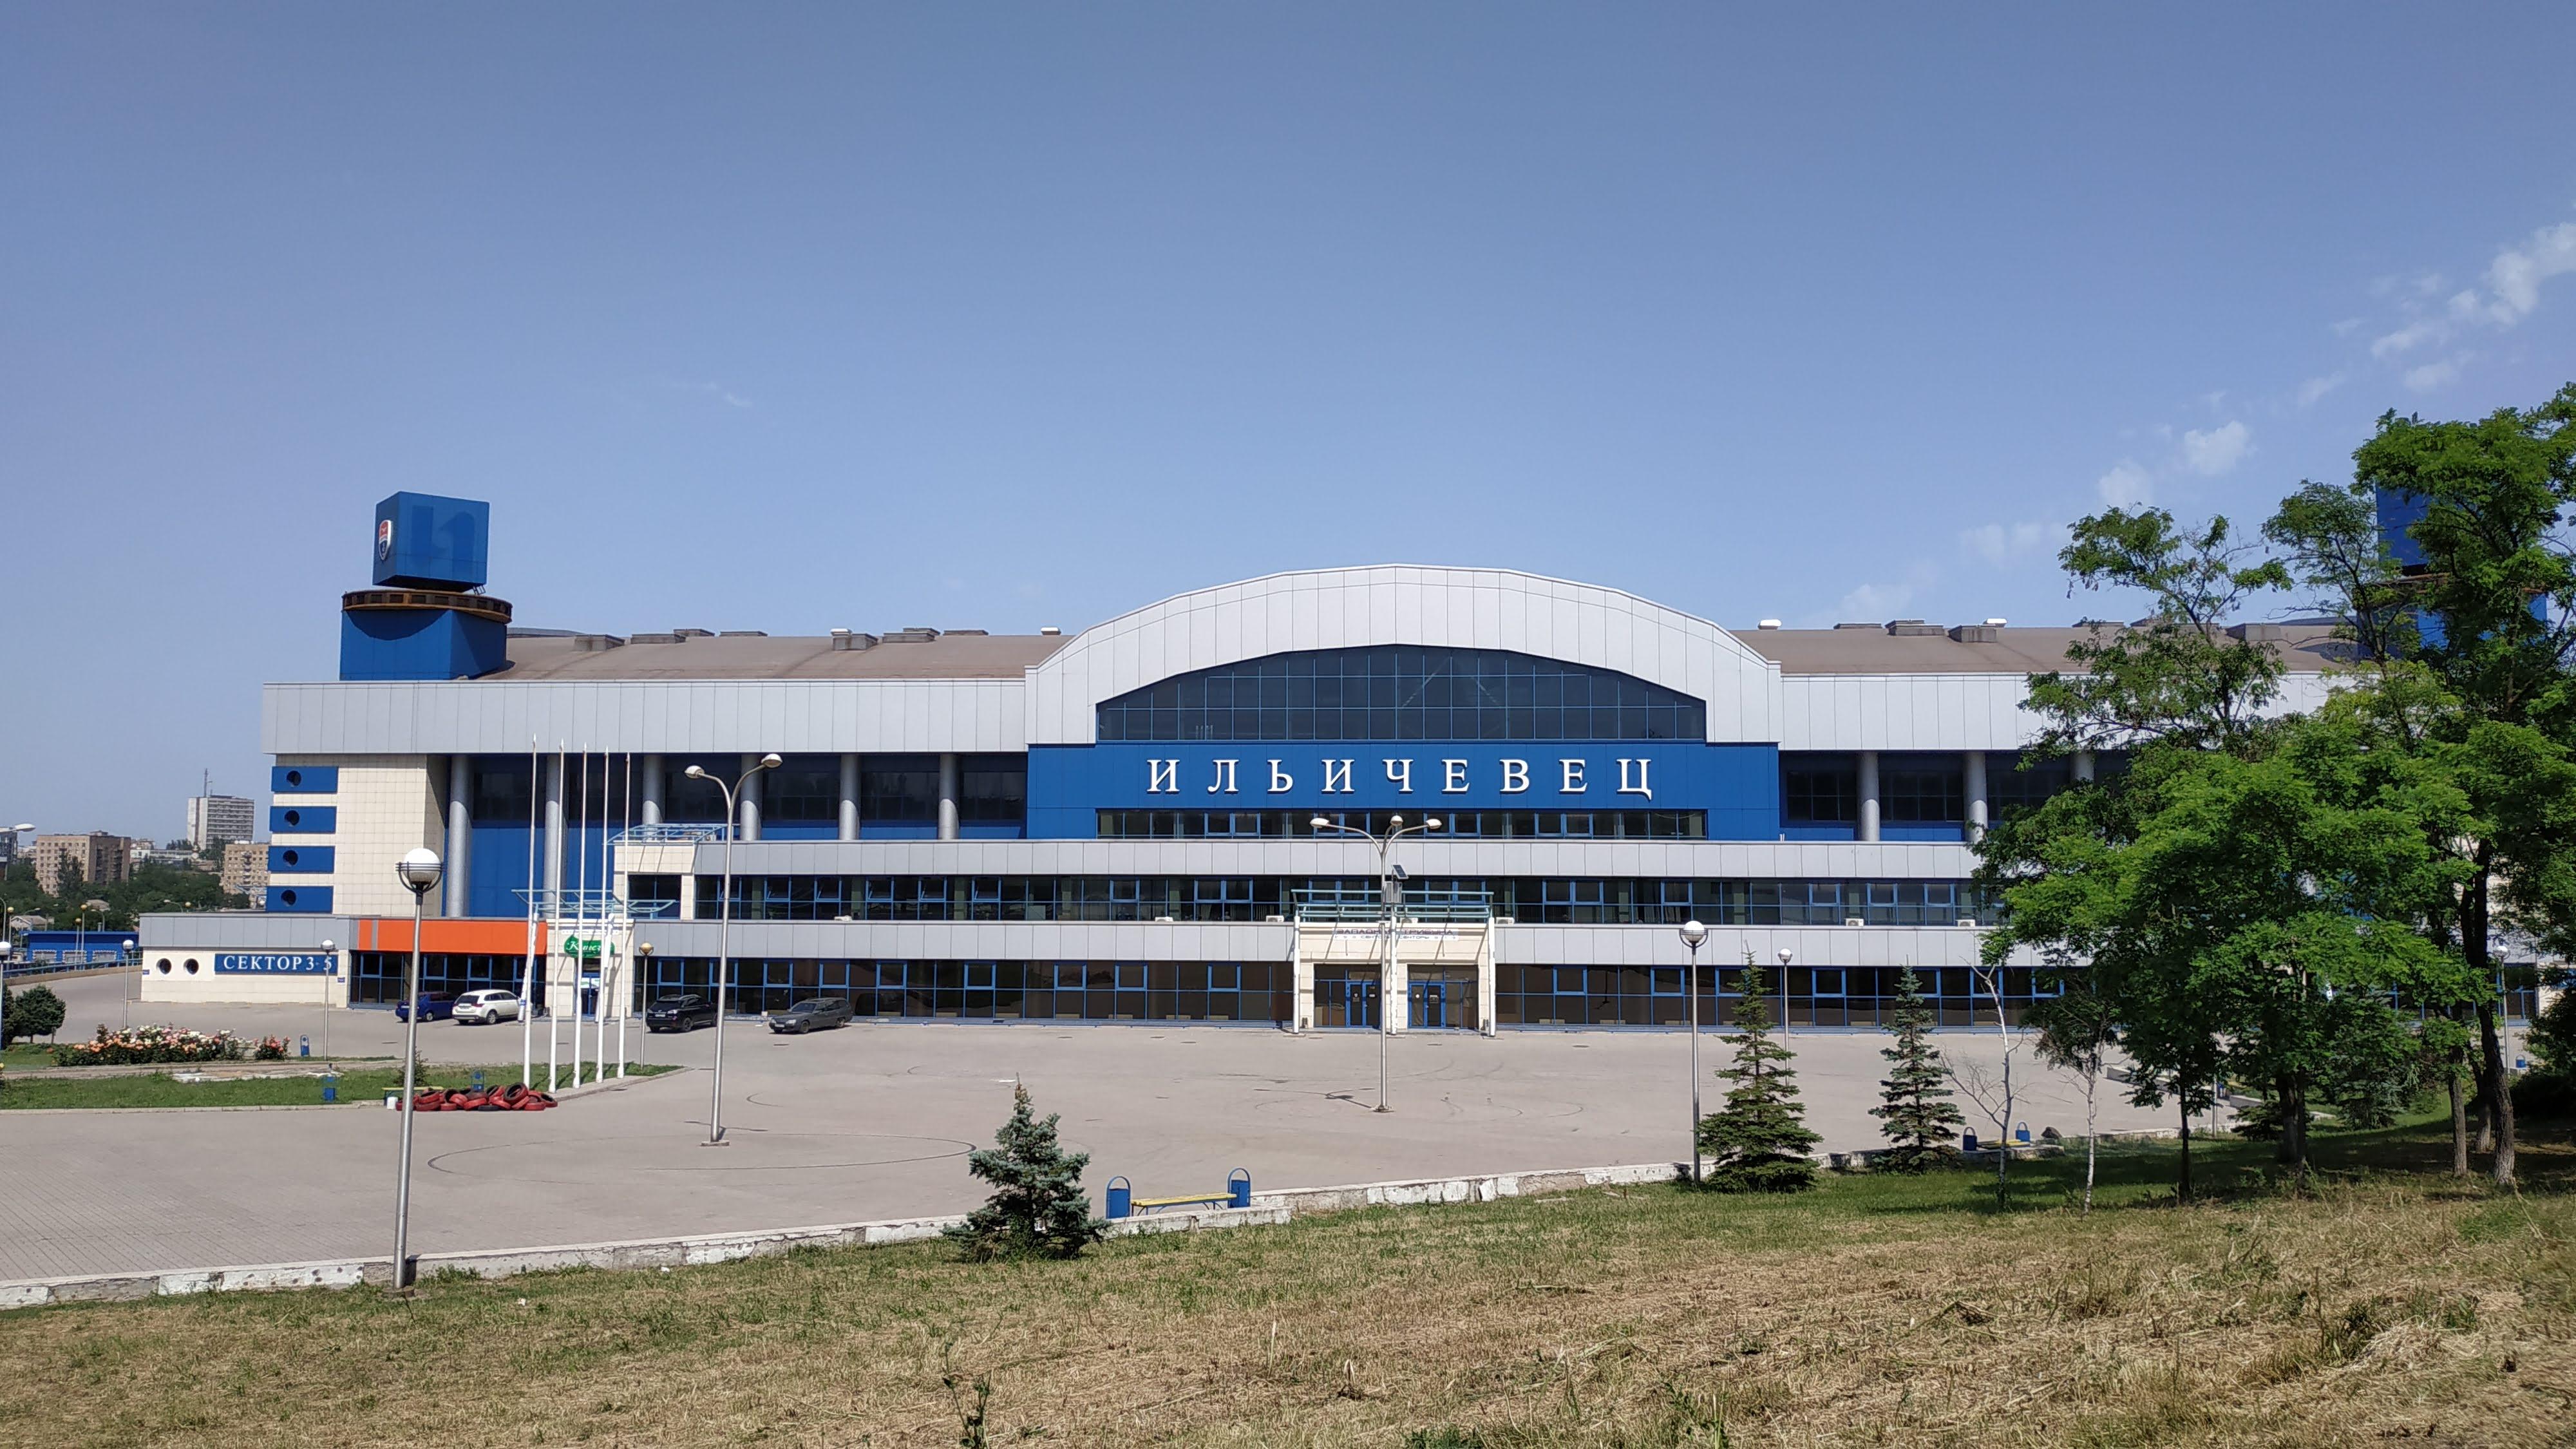 L'impianto sportivo Illičivets - foto di Claudia Bettiol